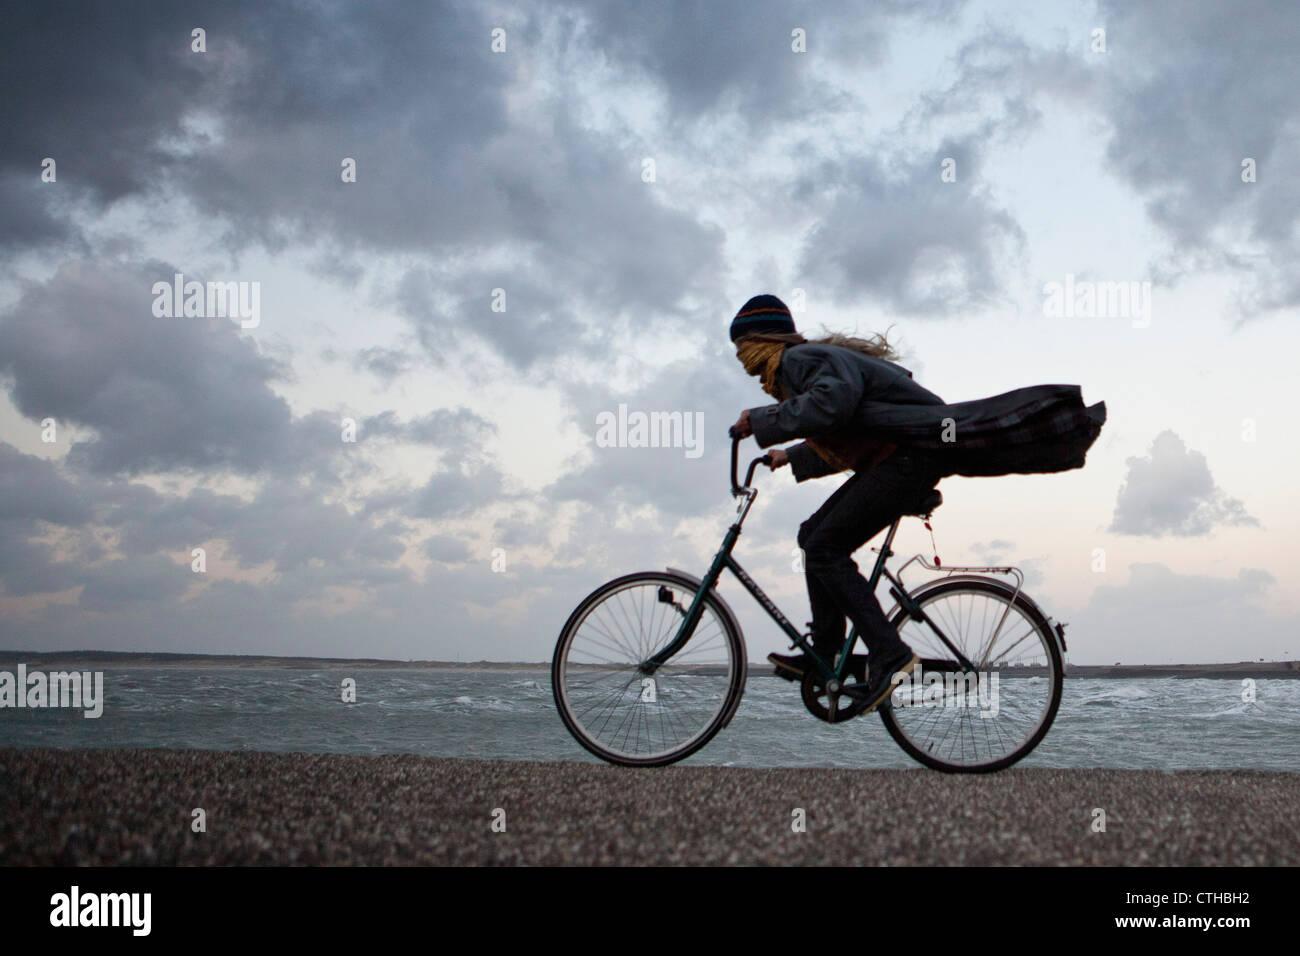 Die Niederlande, Kamperland, Frau Radfahren gegen den stürmischen Wind. Stockbild